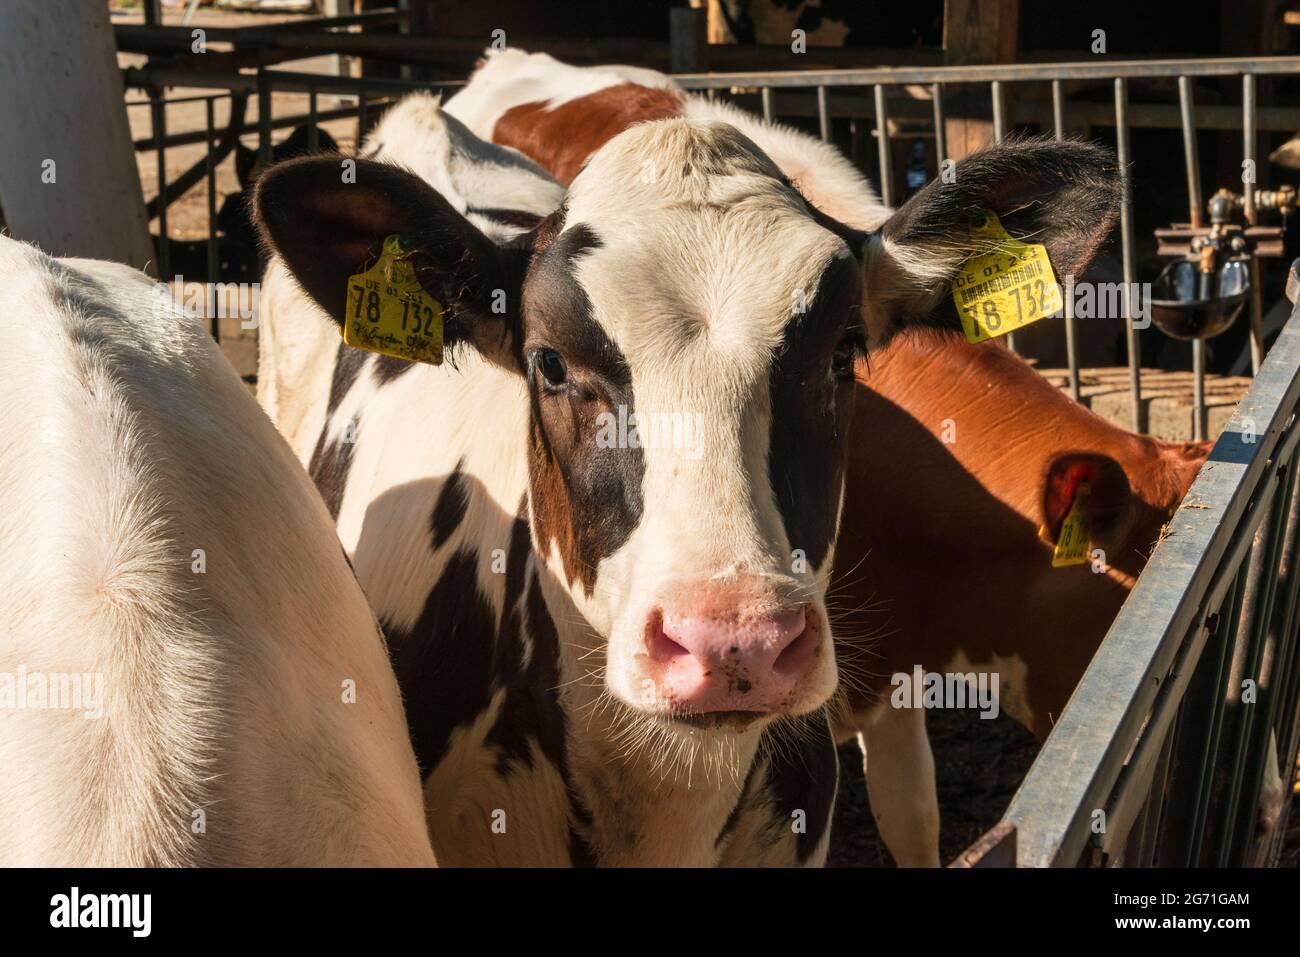 Kälberzucht auf einem dem Tierwohl, verpflichtendem Bauernhof in der Holsteinischen Schweiz Stock Photo